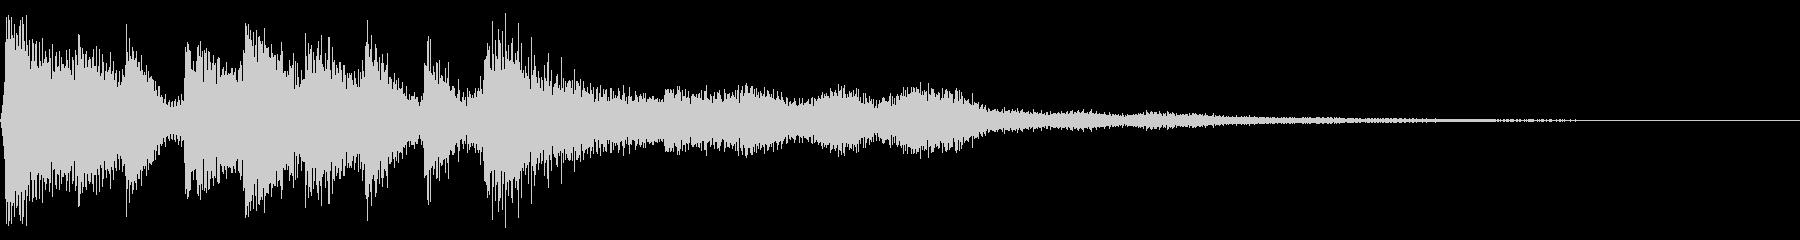 レトロなゲームオーバー音 8bit ミスの未再生の波形